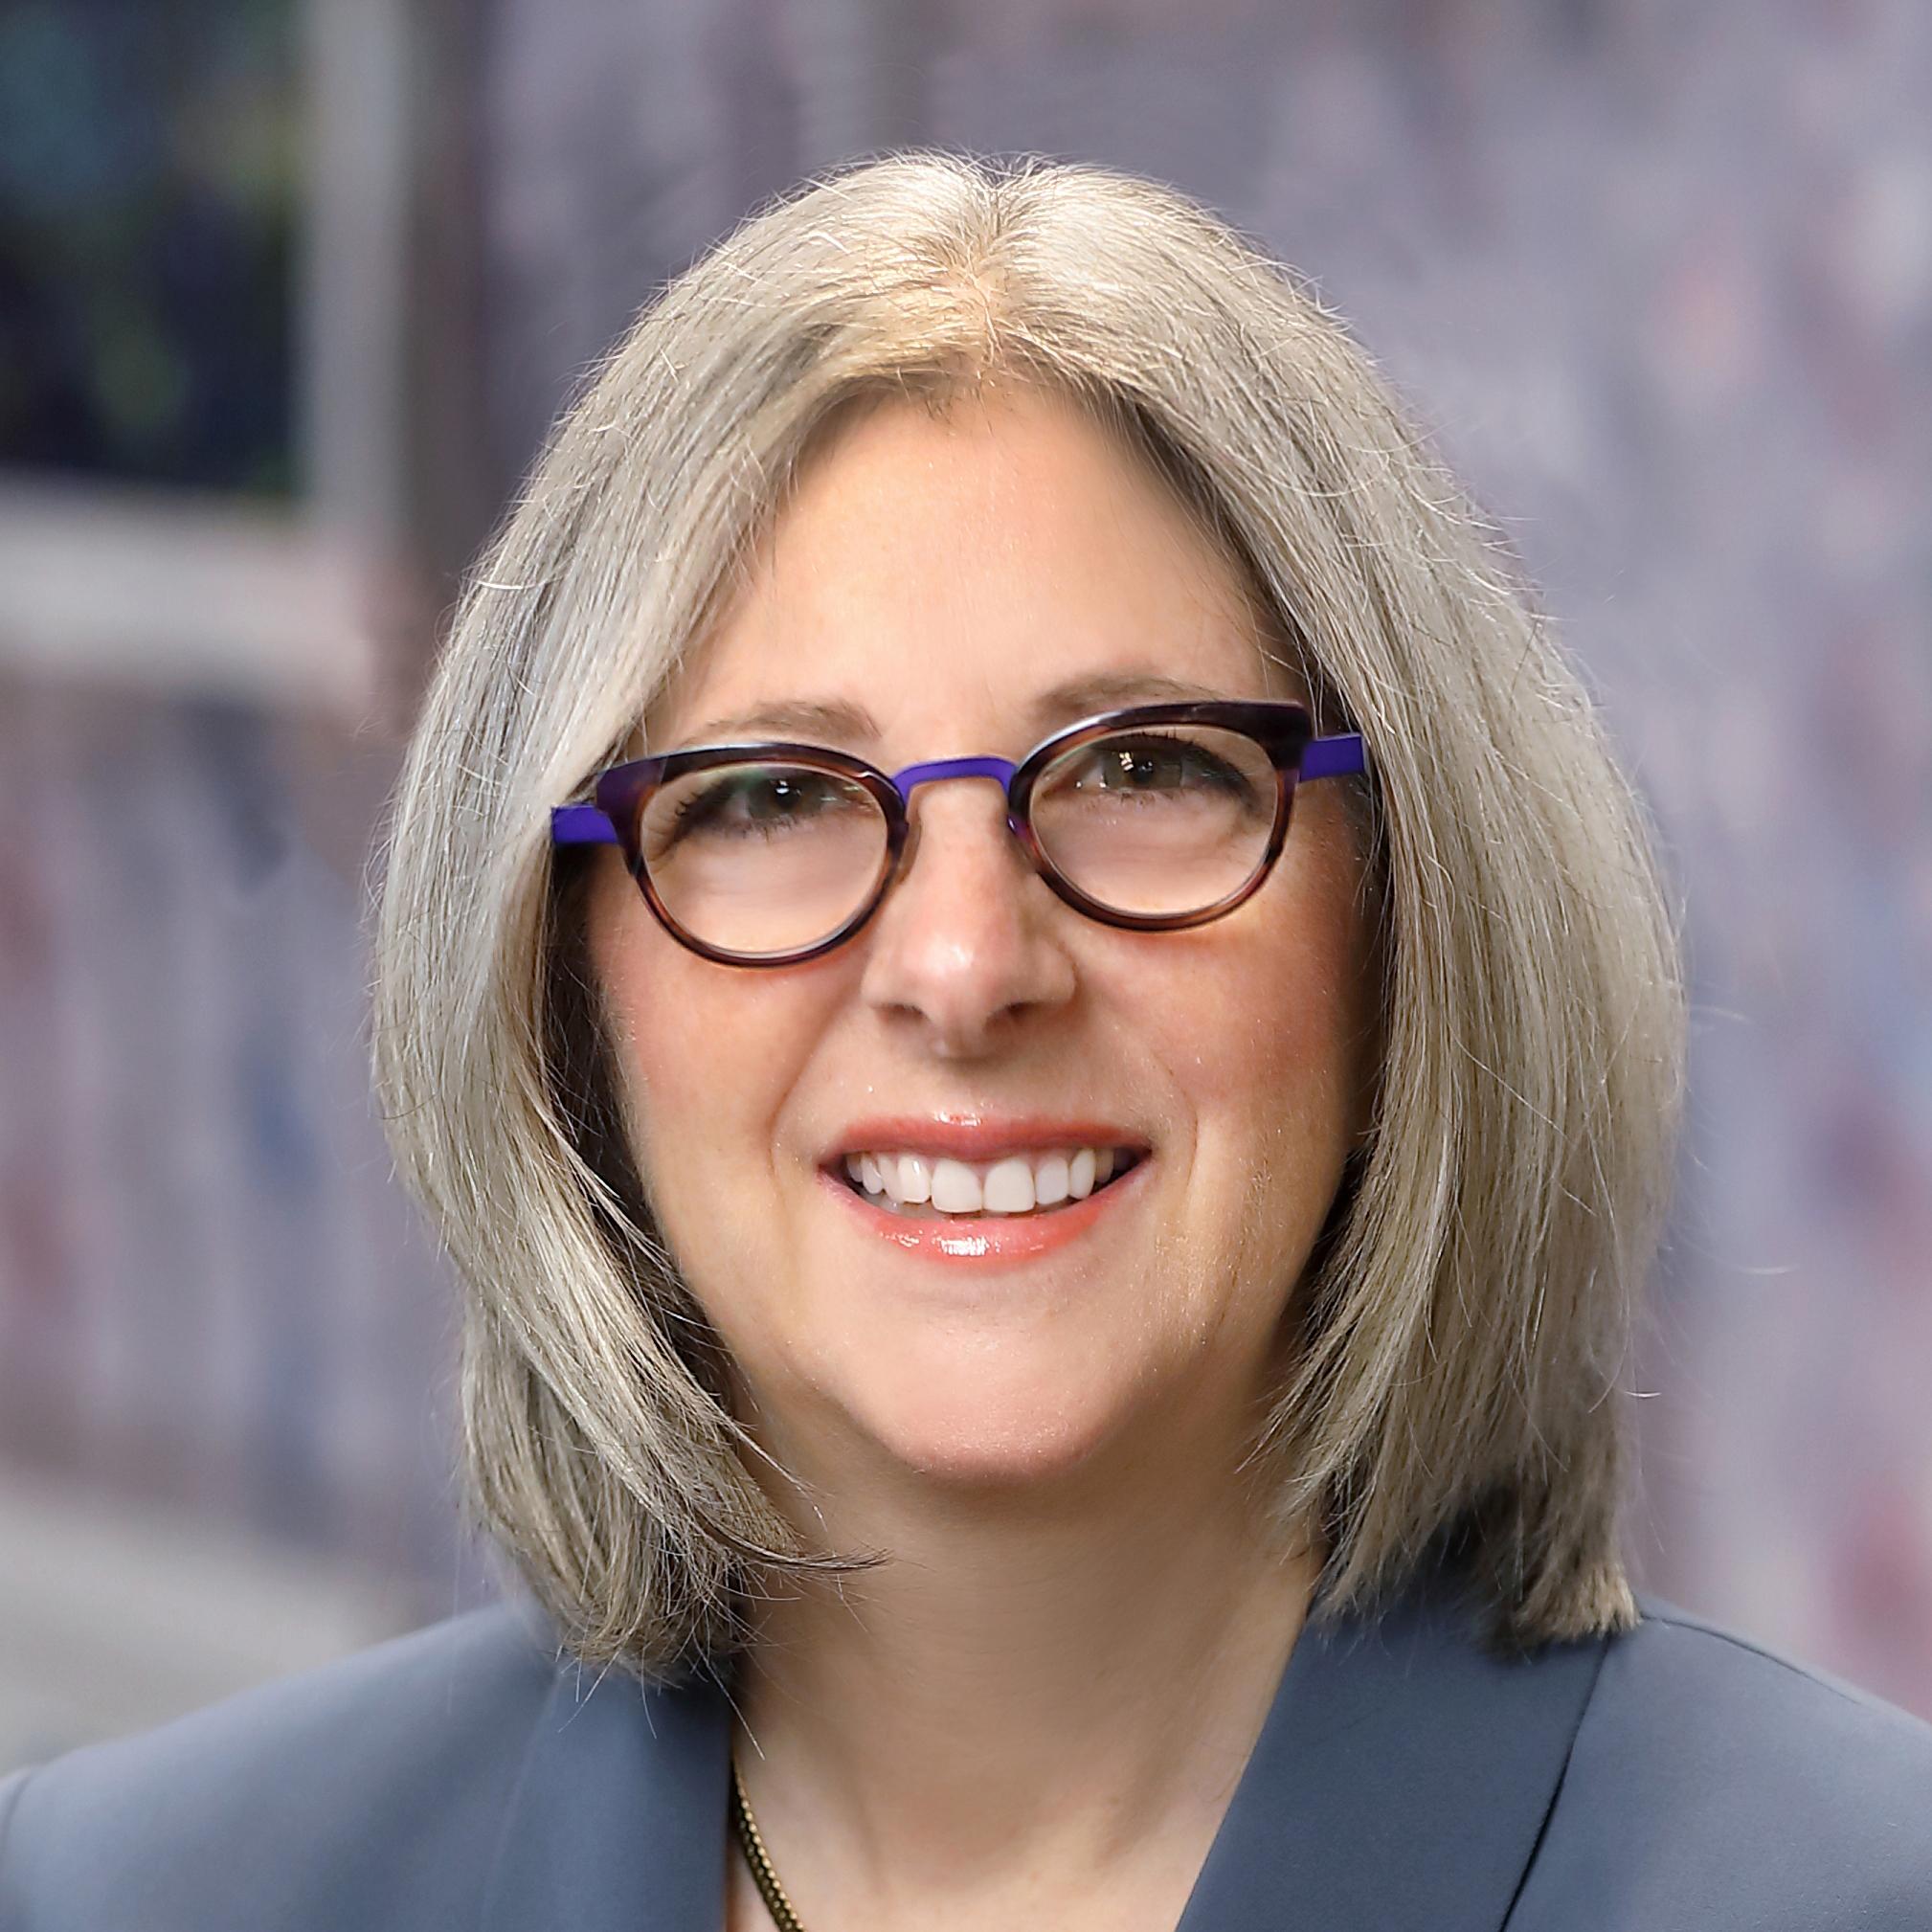 Nina Silverberg